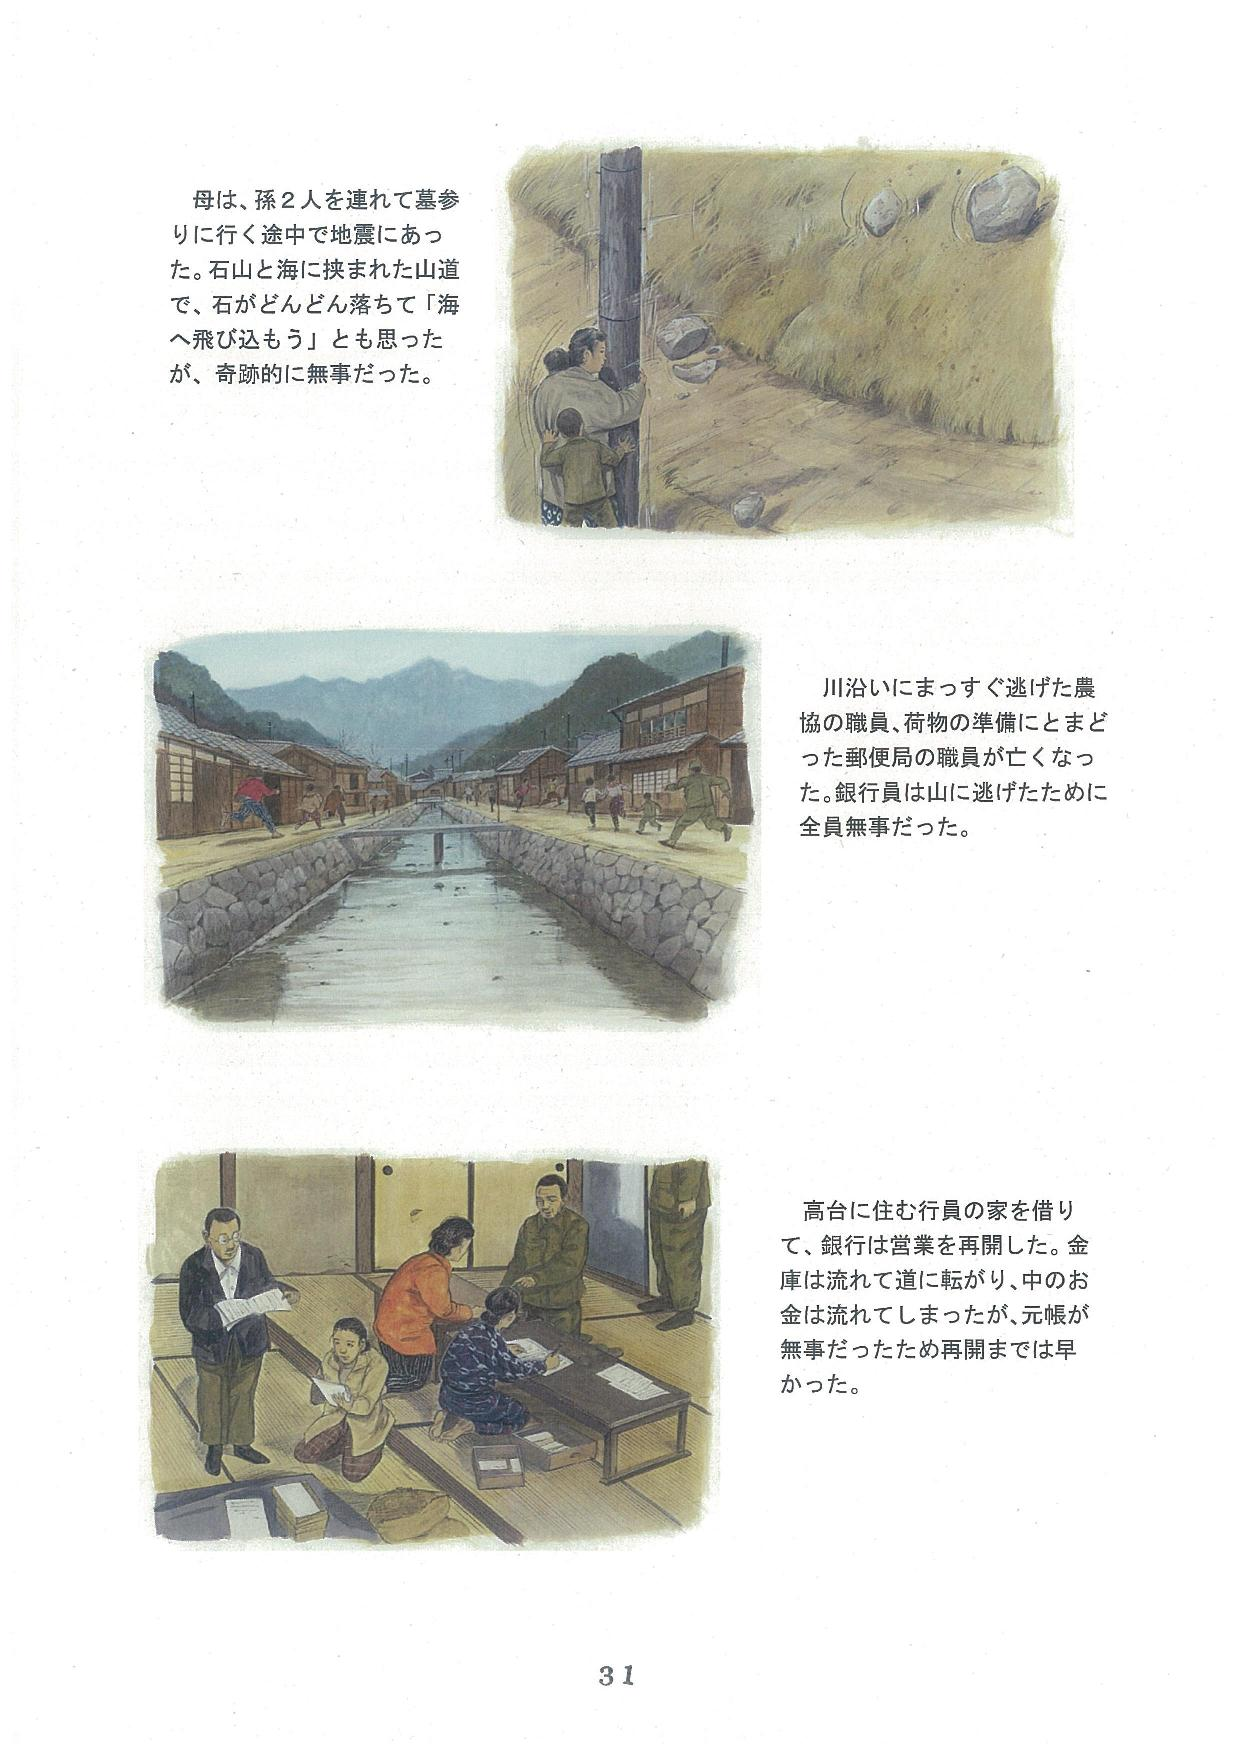 20171208-02_ページ_31